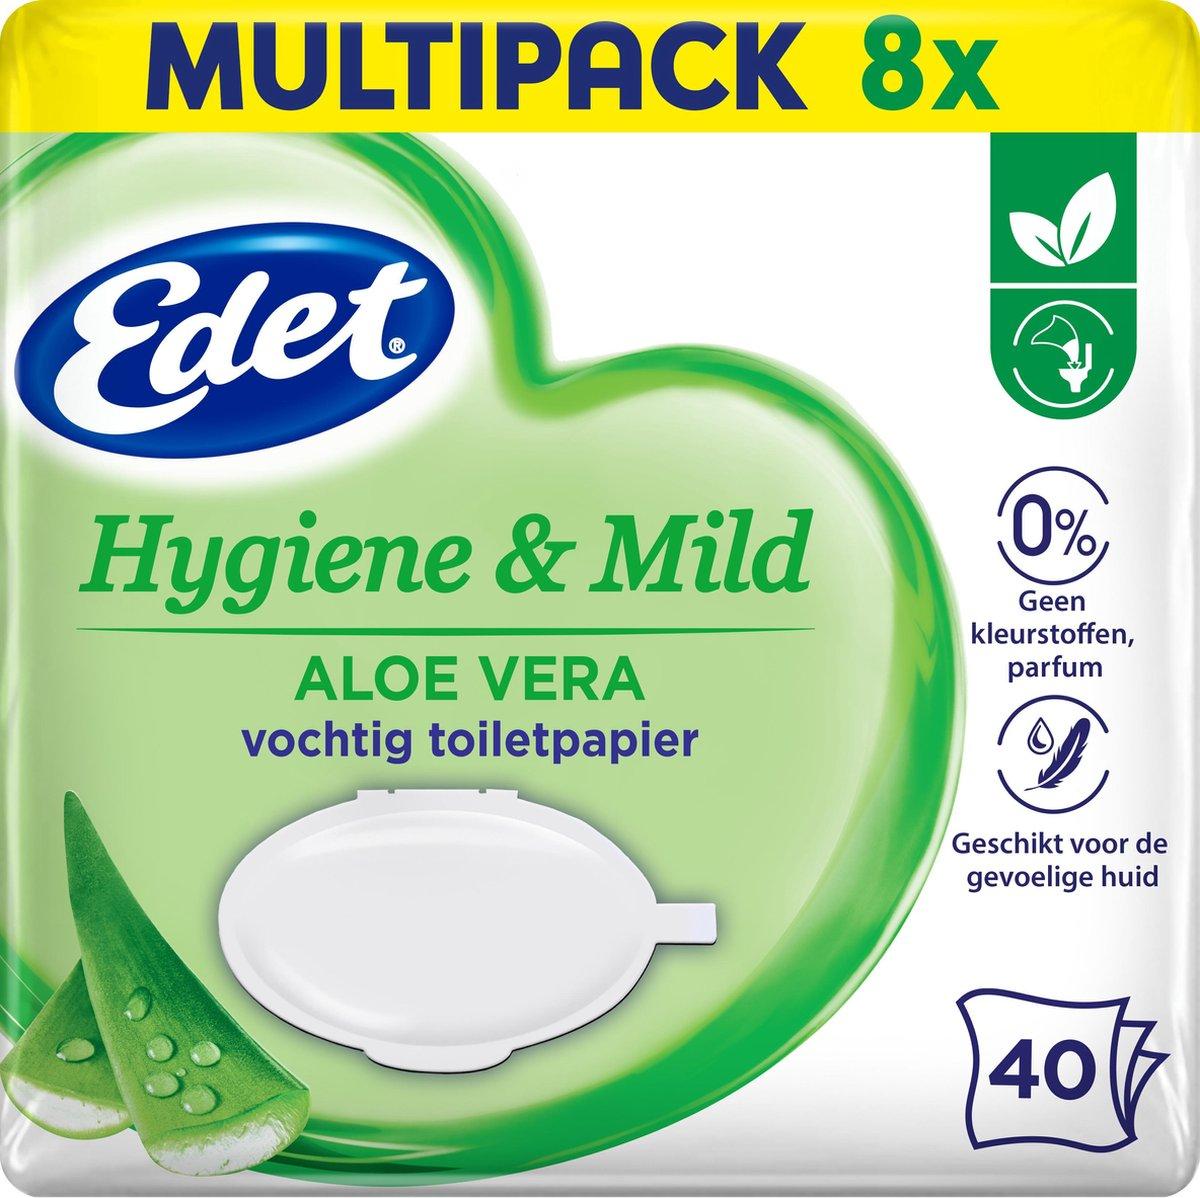 Edet Aloe Vera Vochtig Toiletpapier - 8 x 40 stuks - halfjaar voorraad